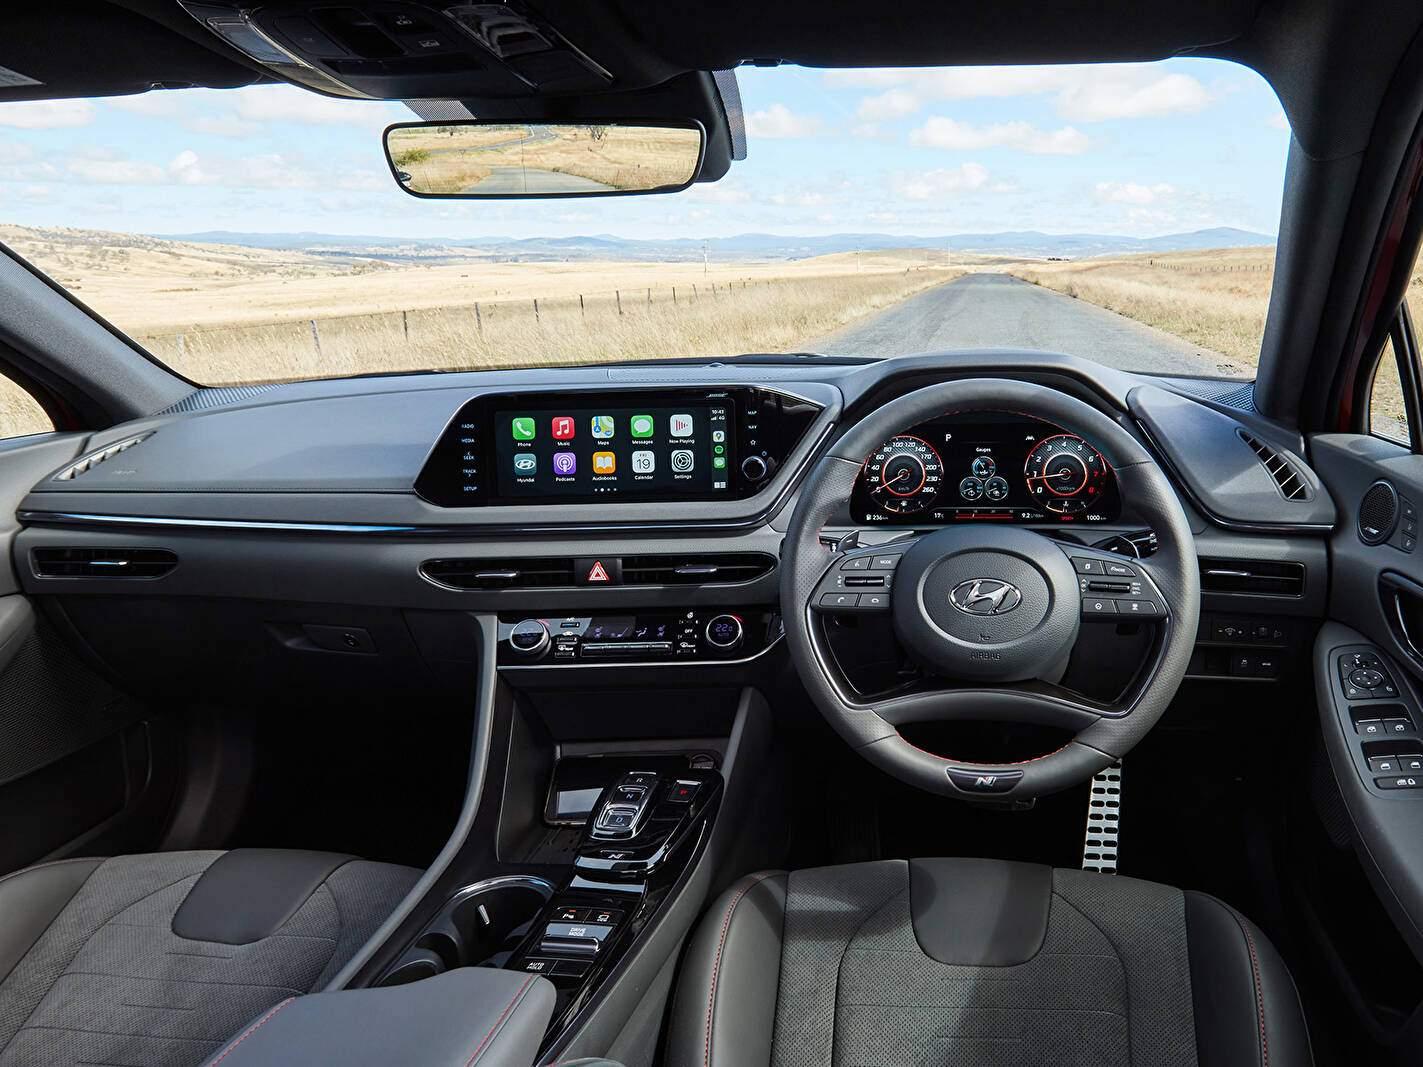 Hyundai Sonata VIII 2.5 T-GDI 295 (DN8) (2020),  ajouté par fox58